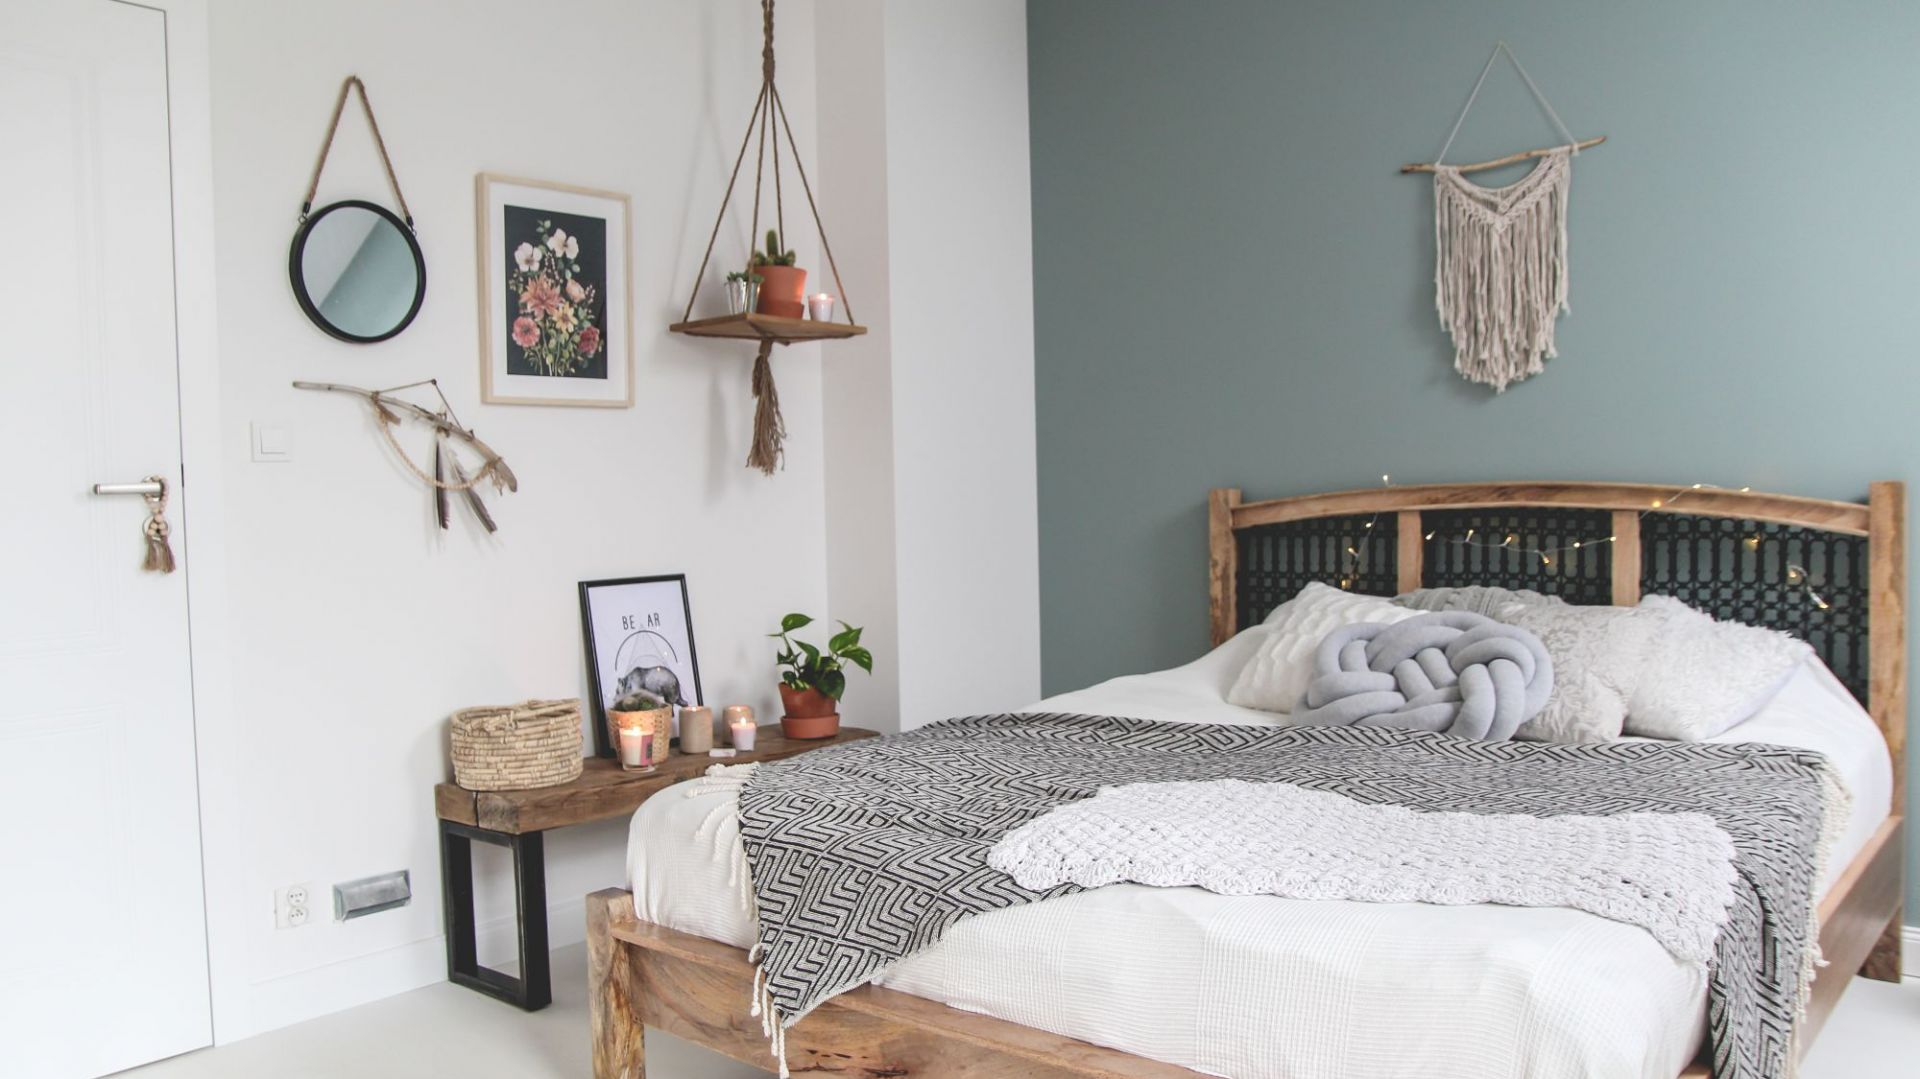 Modna sypialnia - zobacz jak urządzić klimatyczne wnętrze. Na zdjęciu drzwi Vector Premium. Fot. Porta